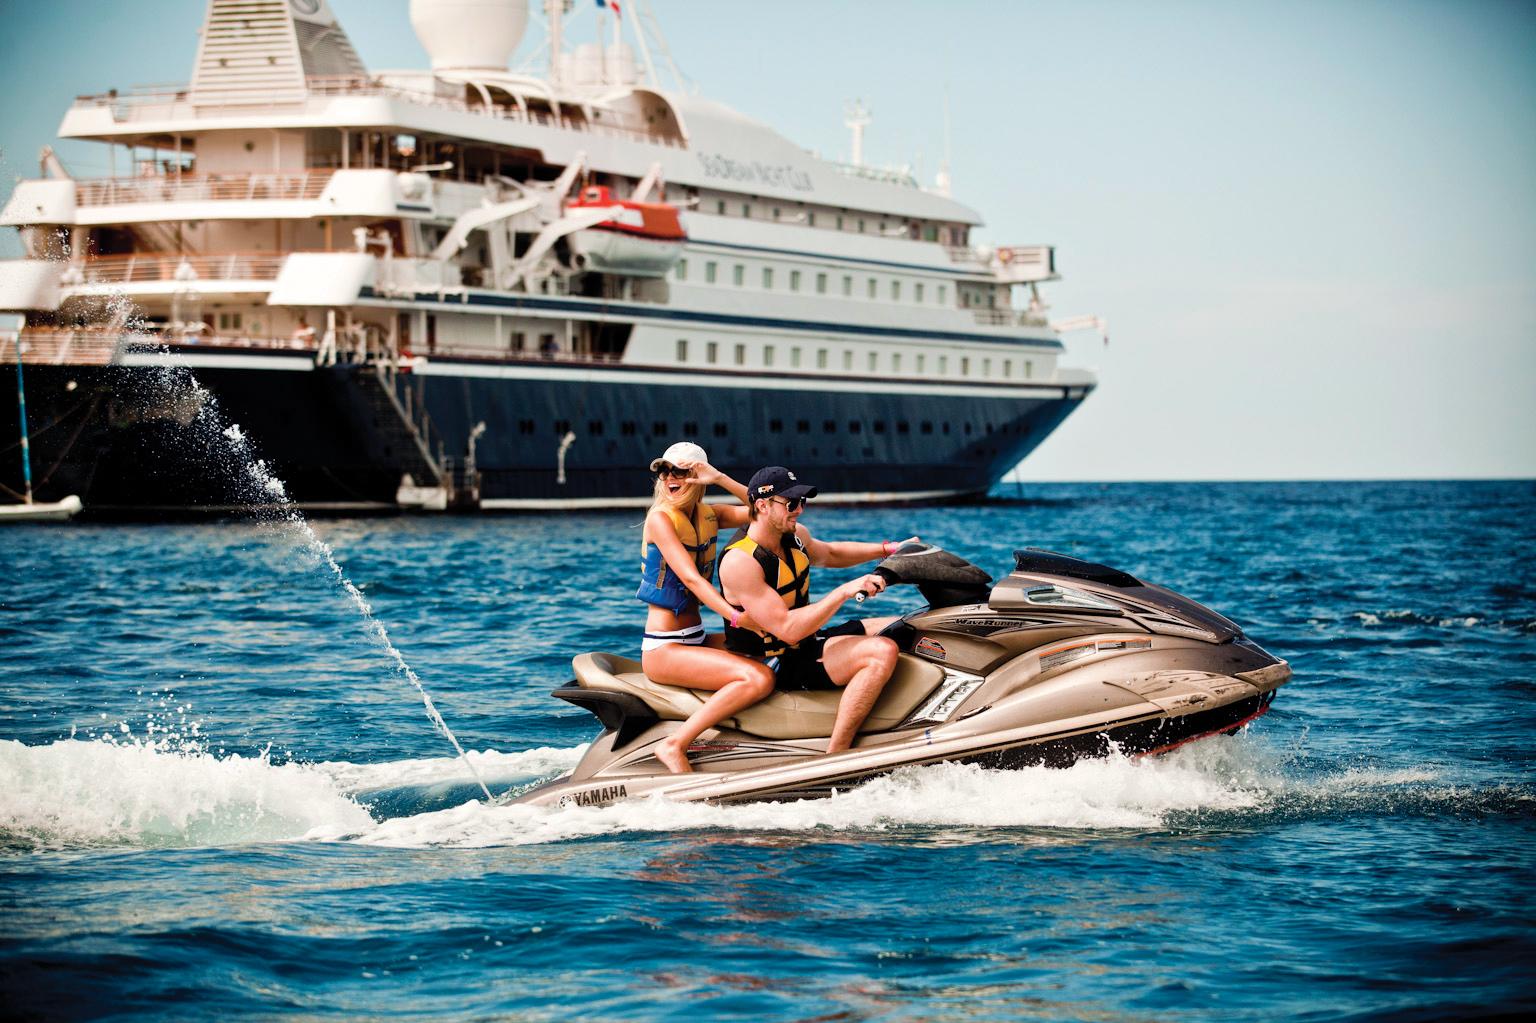 SeaDream Yacht Club - Jetski